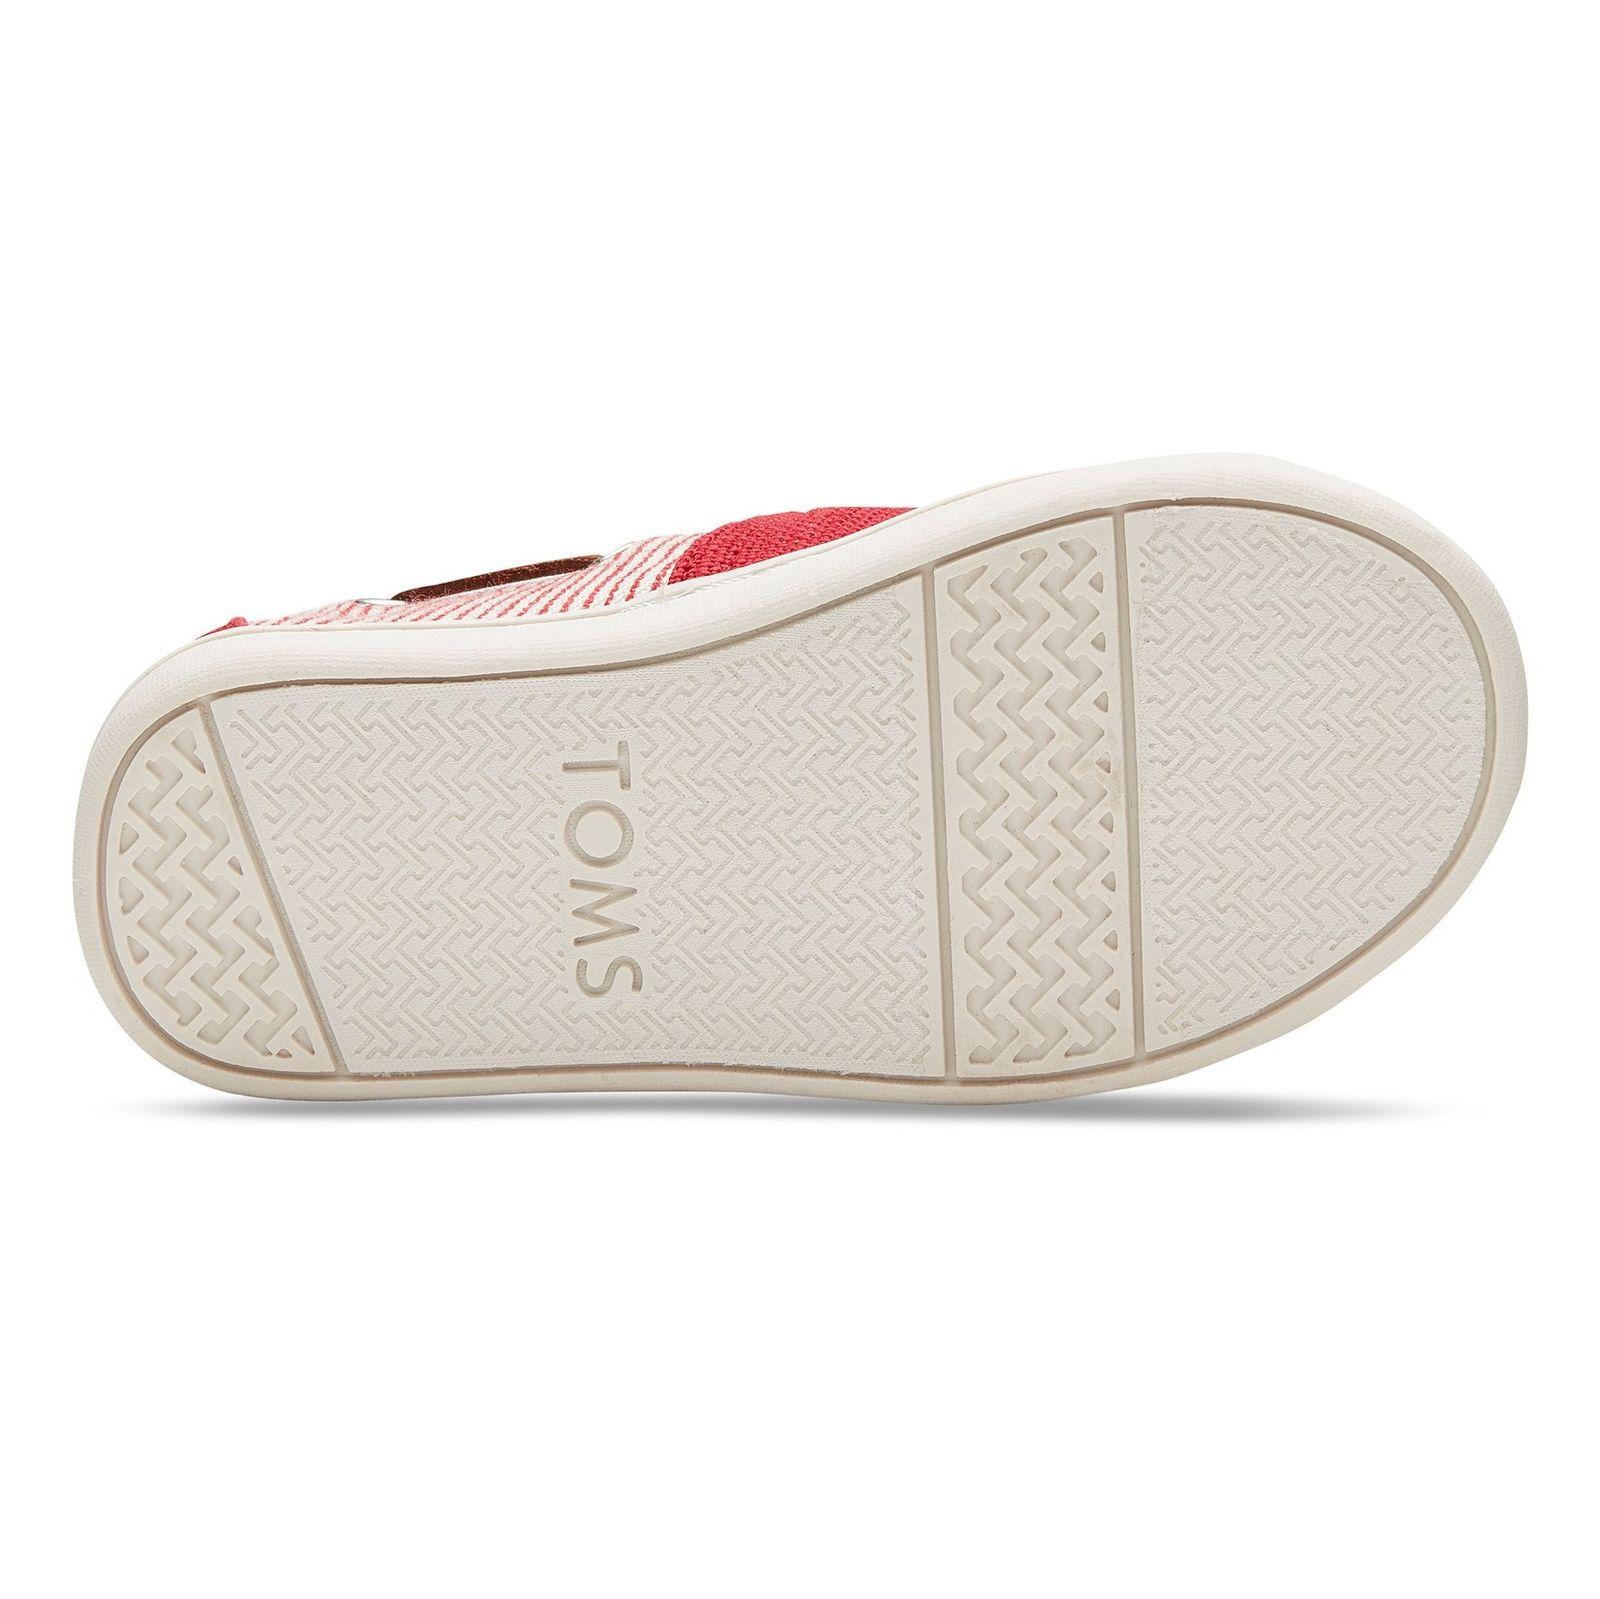 کفش راحتی پارچه ای بچه گانه - تامز - قرمز - 2